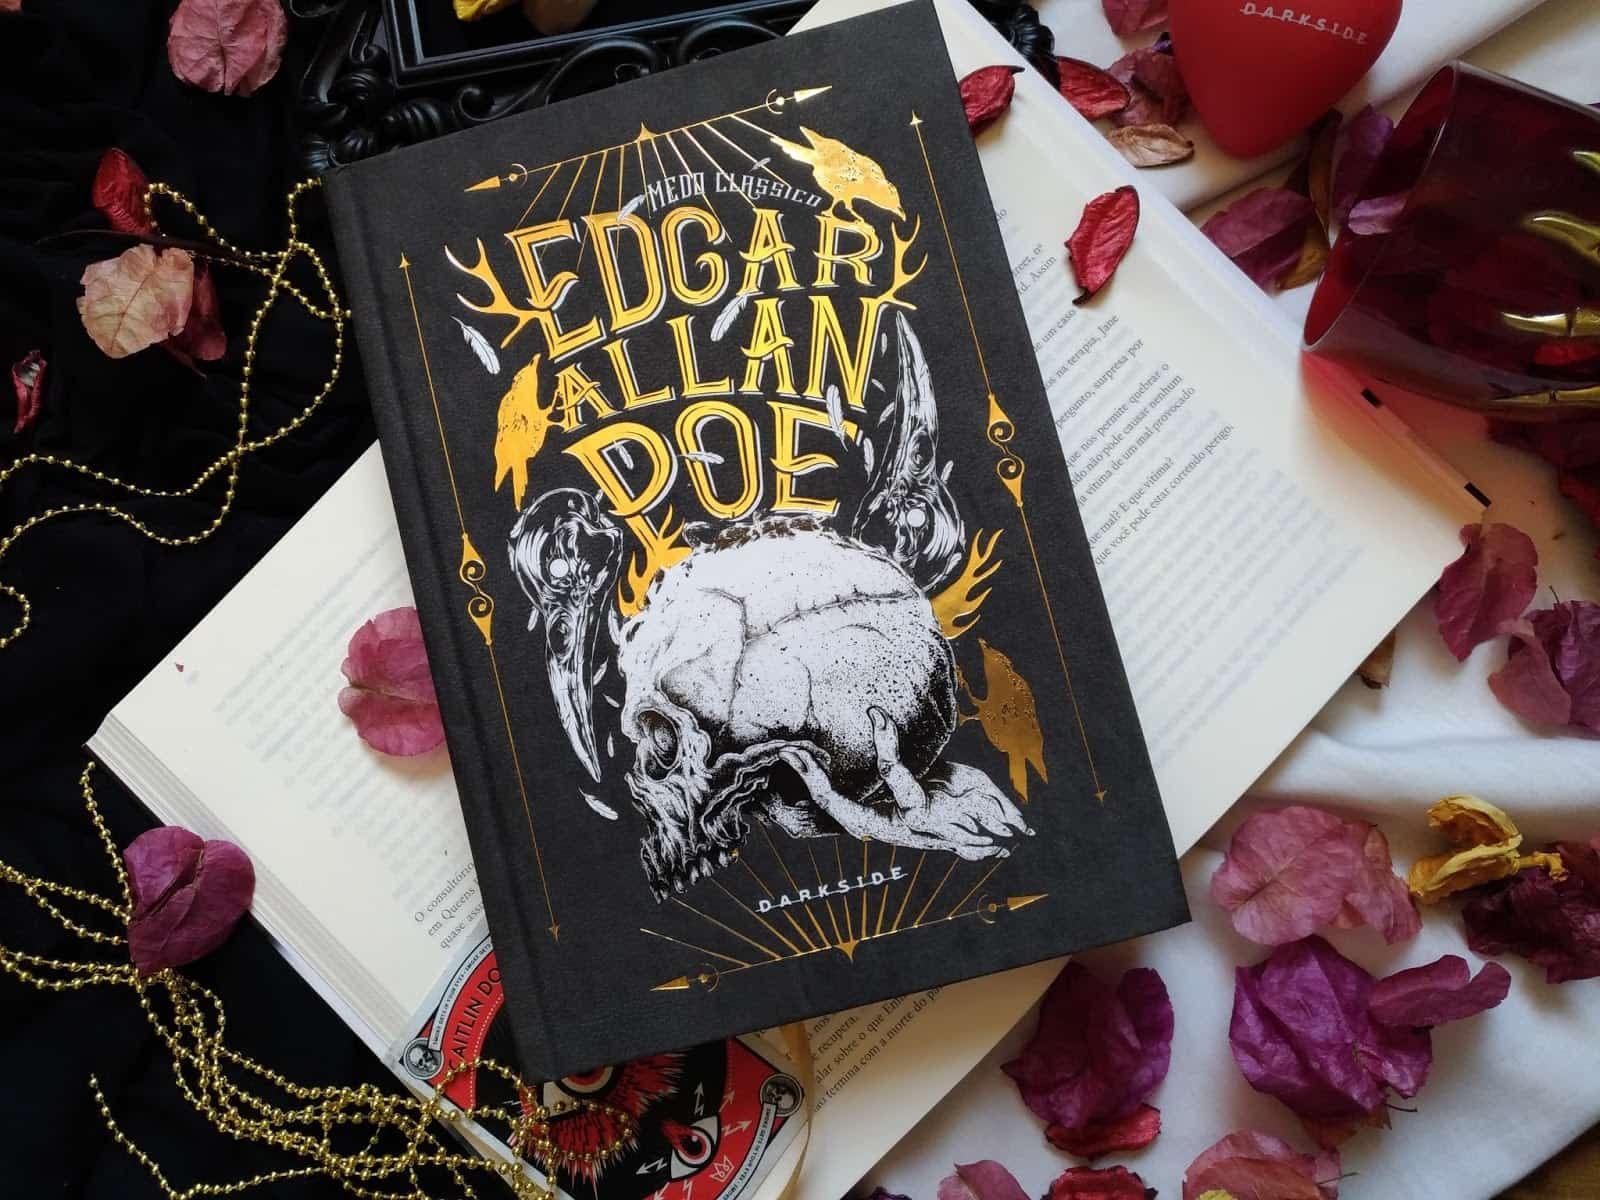 livros-terror-edgar-allan-poe-1